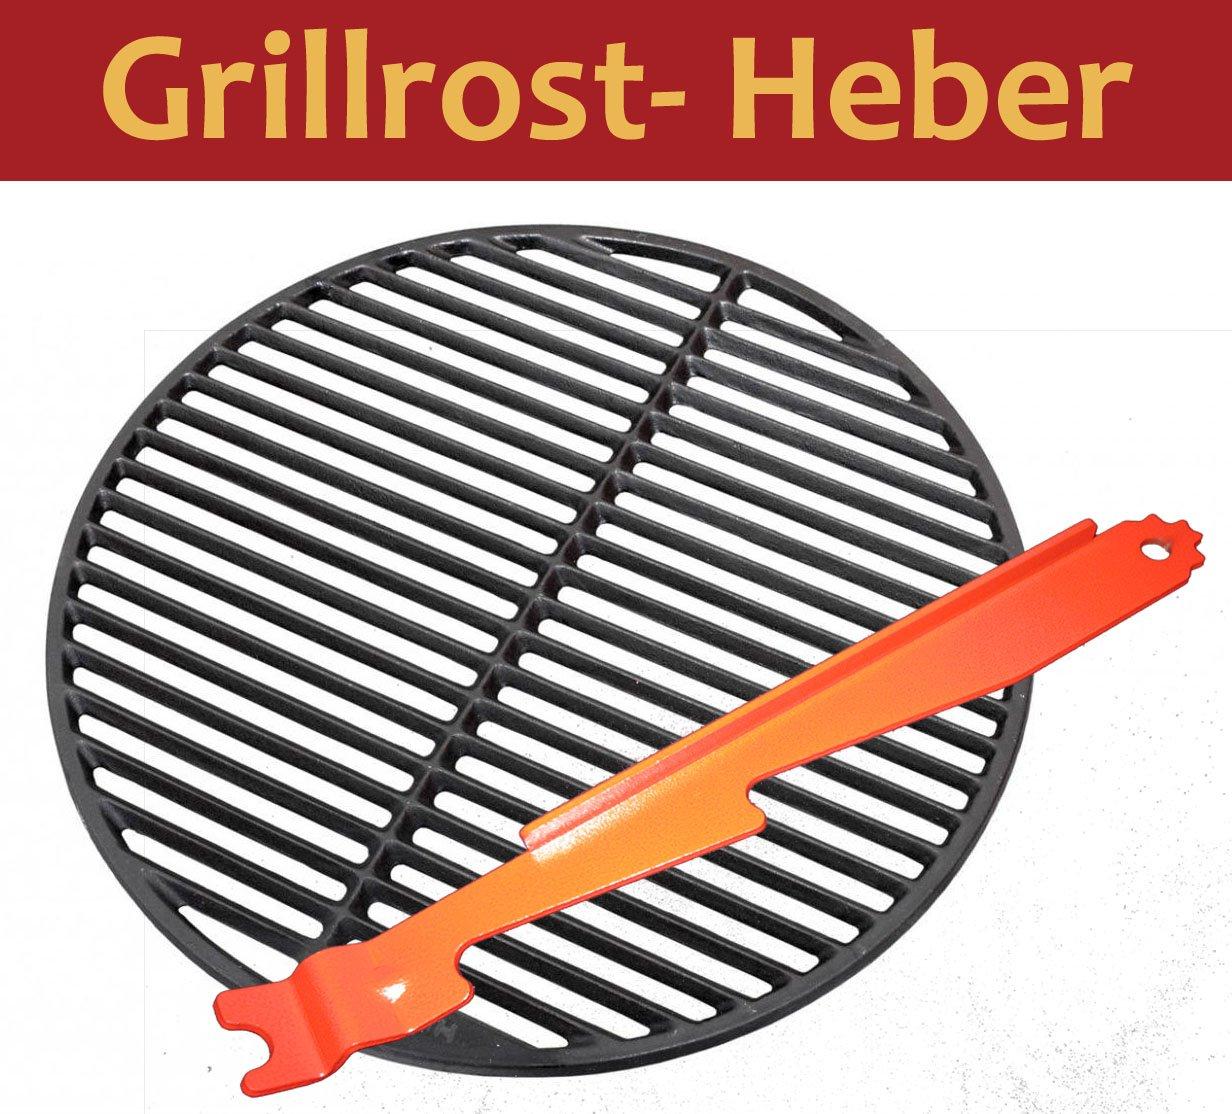 3in1 Grillheber Grillreiniger Stütze Grillrostheber GRILL Heber ...